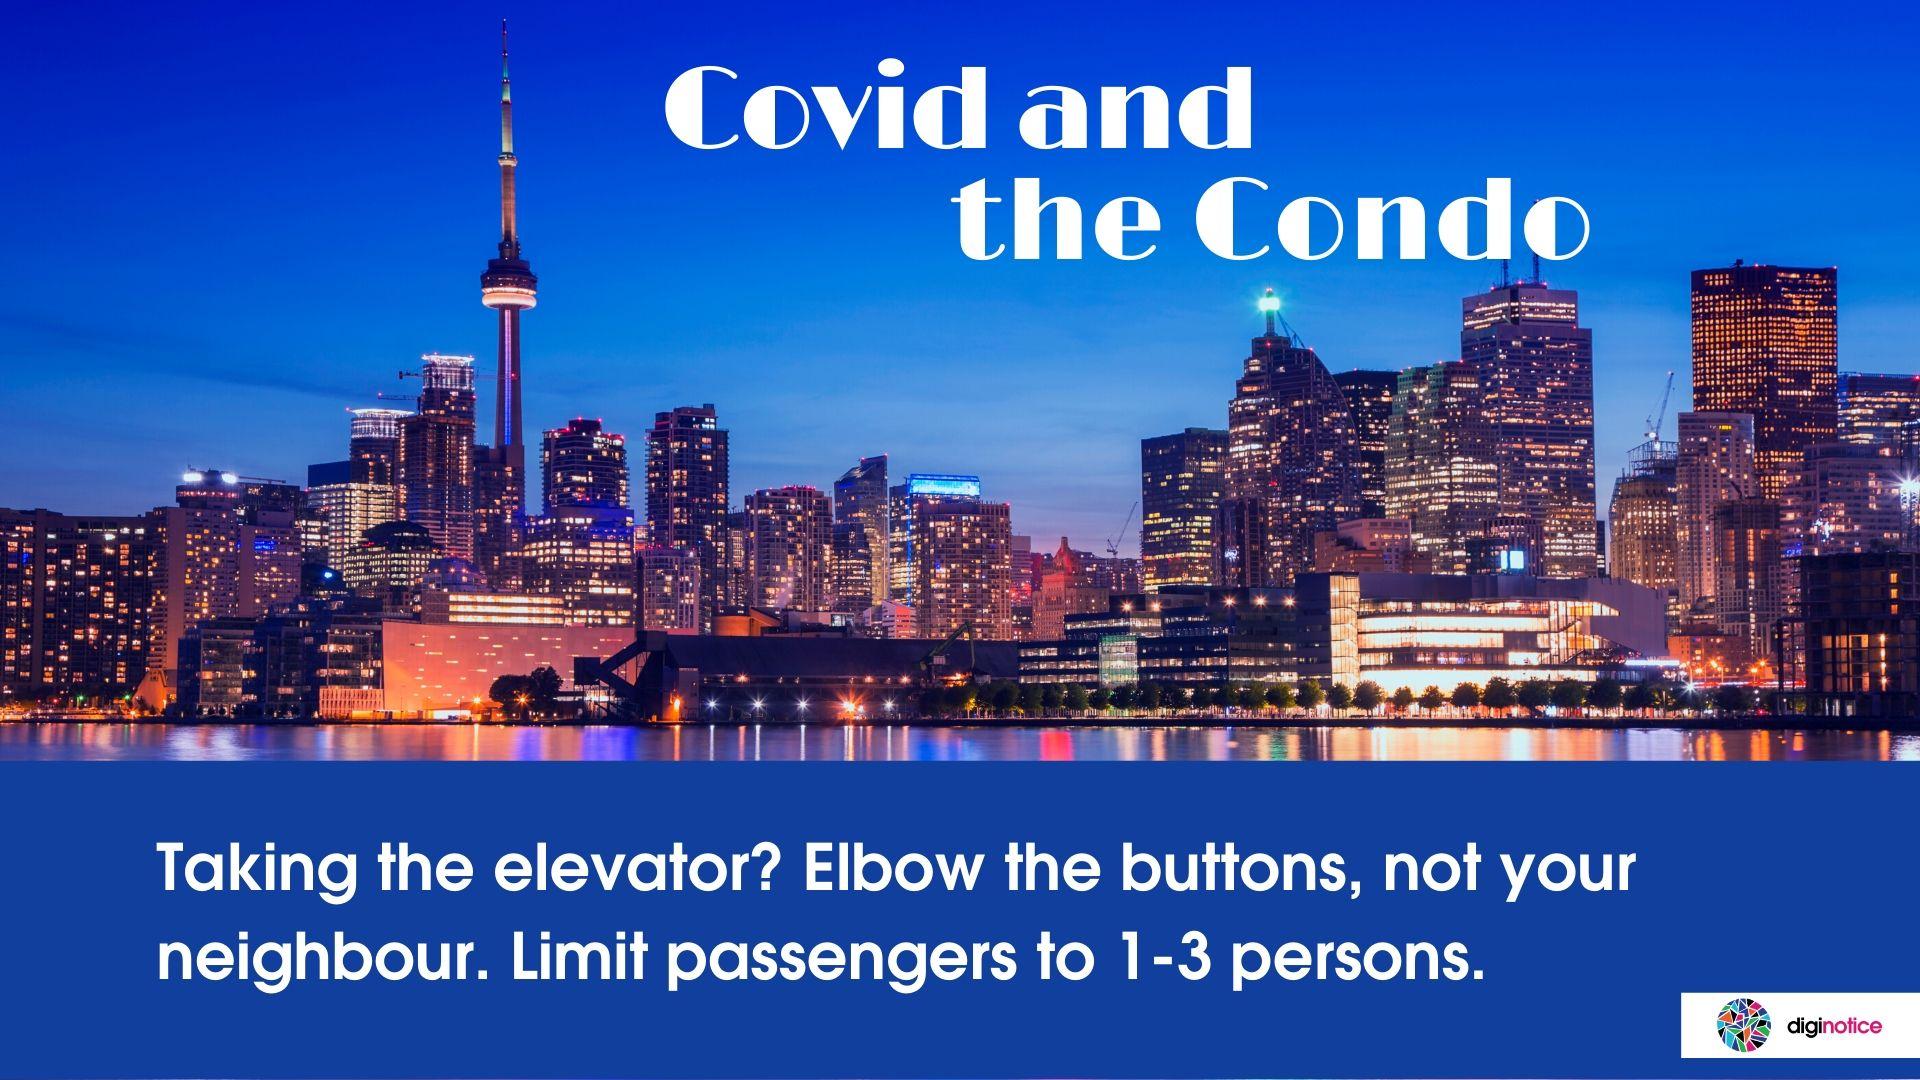 DNS_1920x1080_Covid and the condo 5_03-2